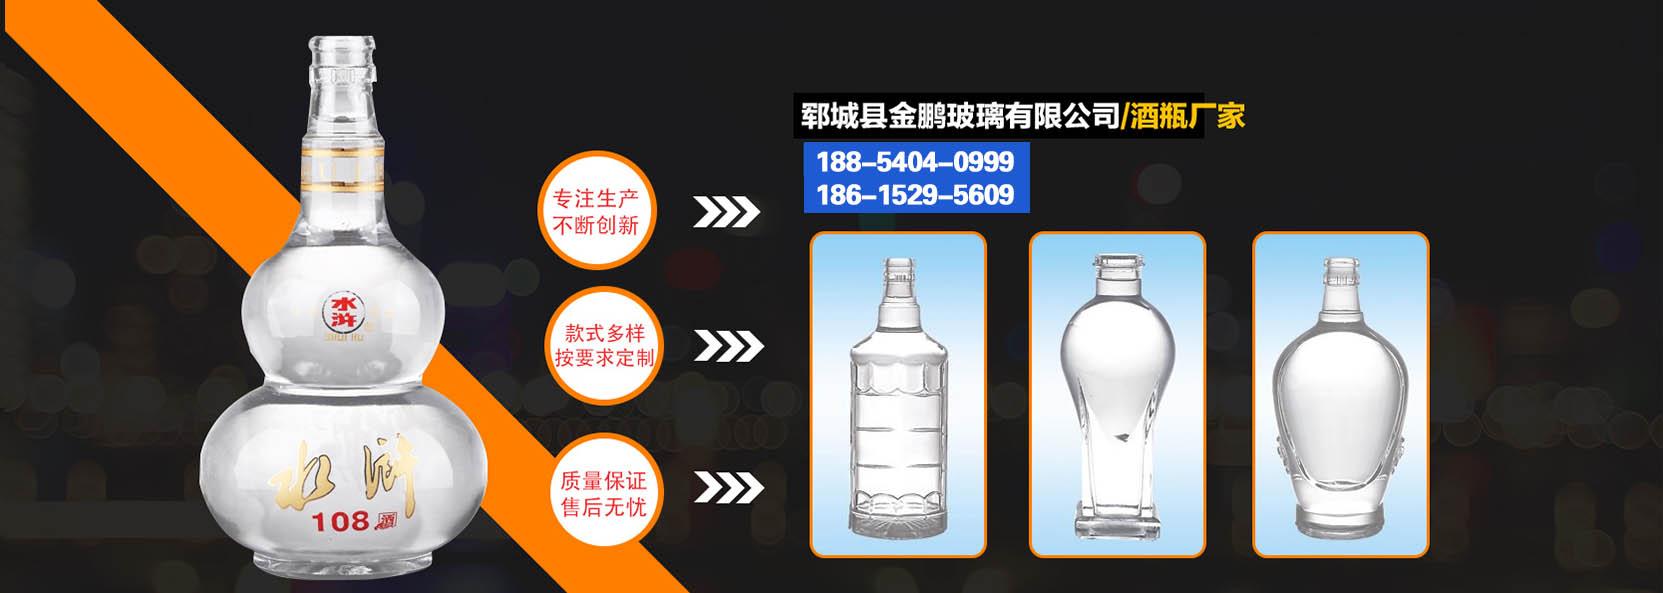 玻璃酒瓶厂家